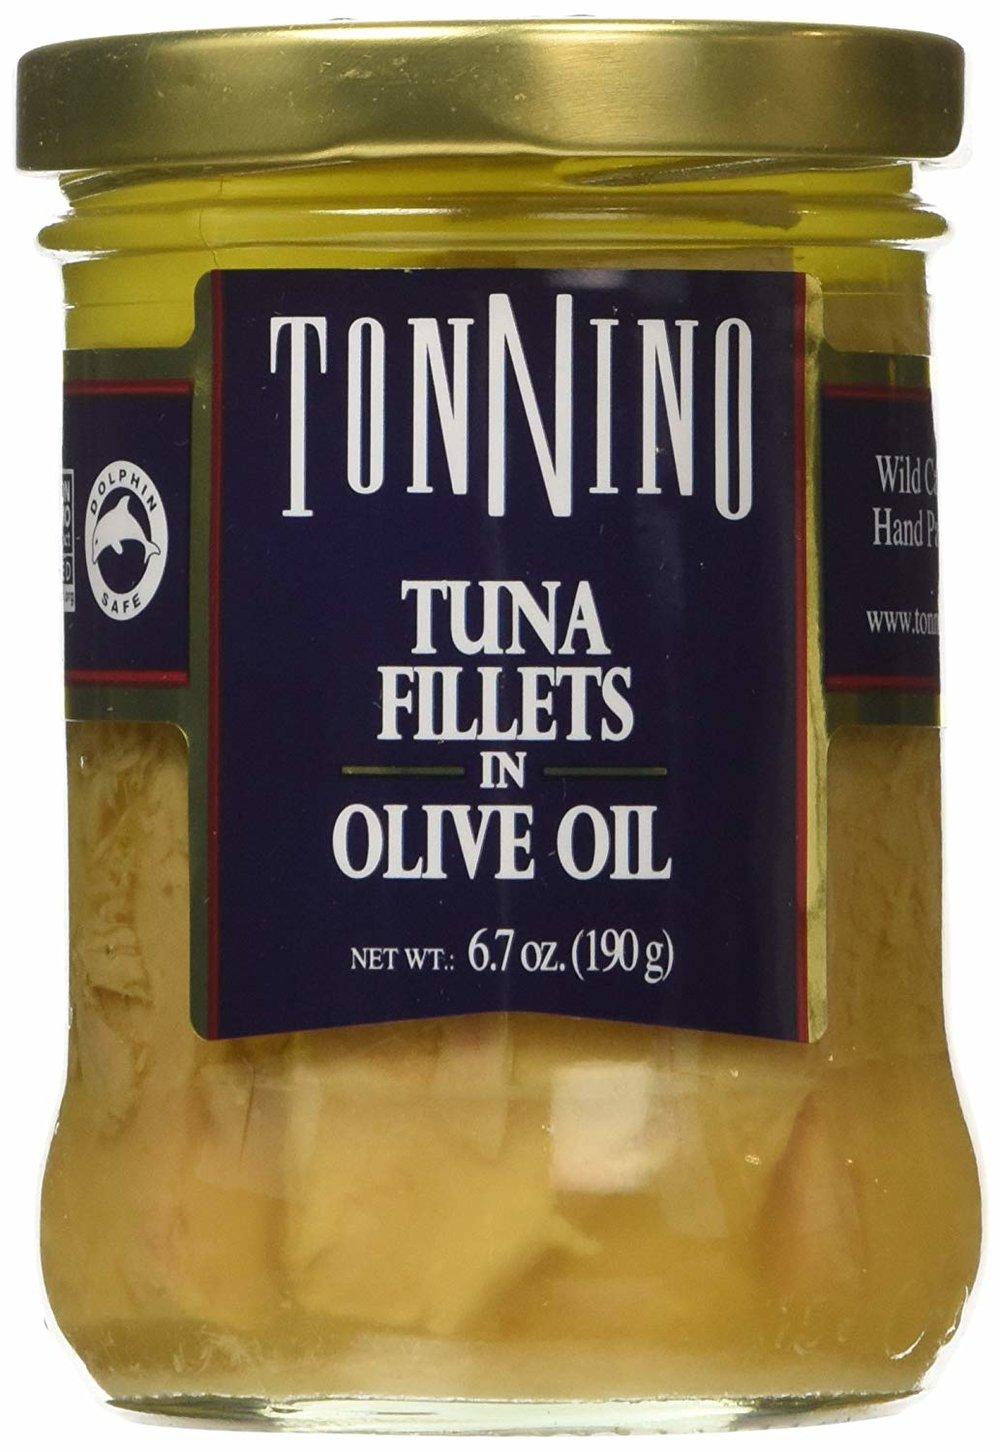 Tonnino Tuna